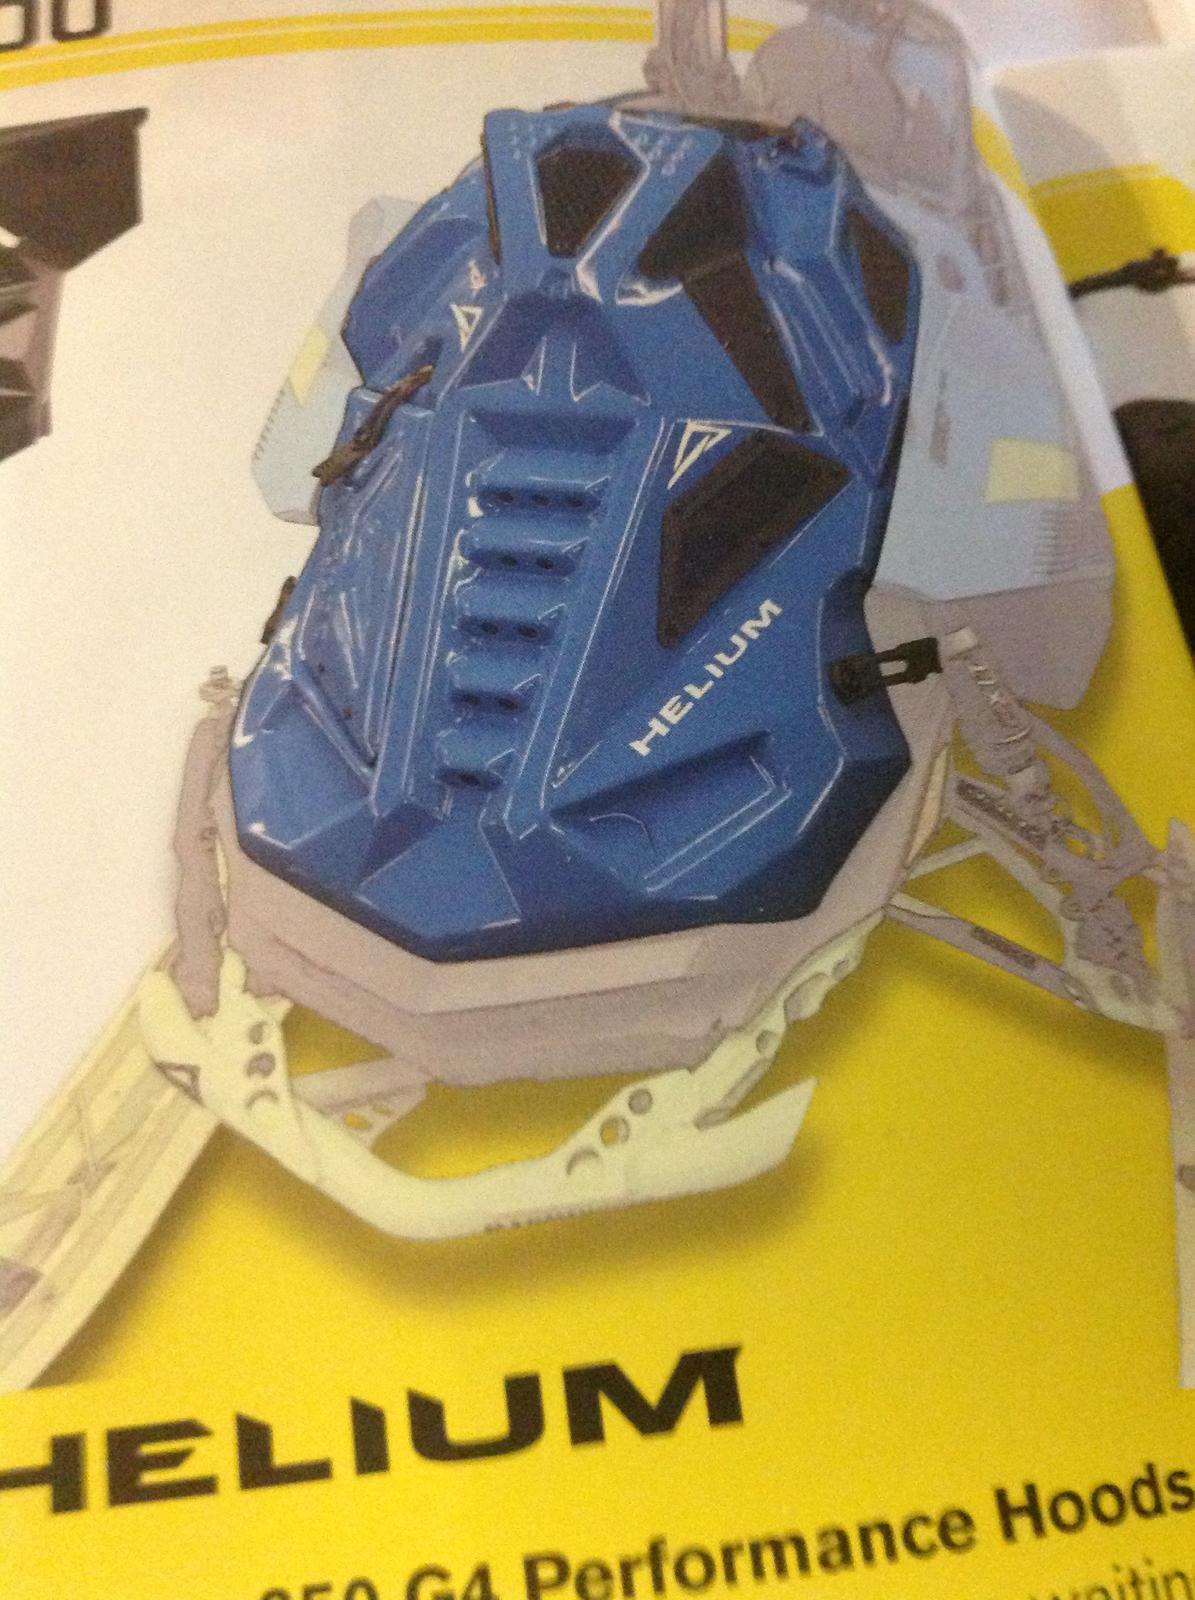 Skinz 850 Gen 4 Ski Doo Helium Hood